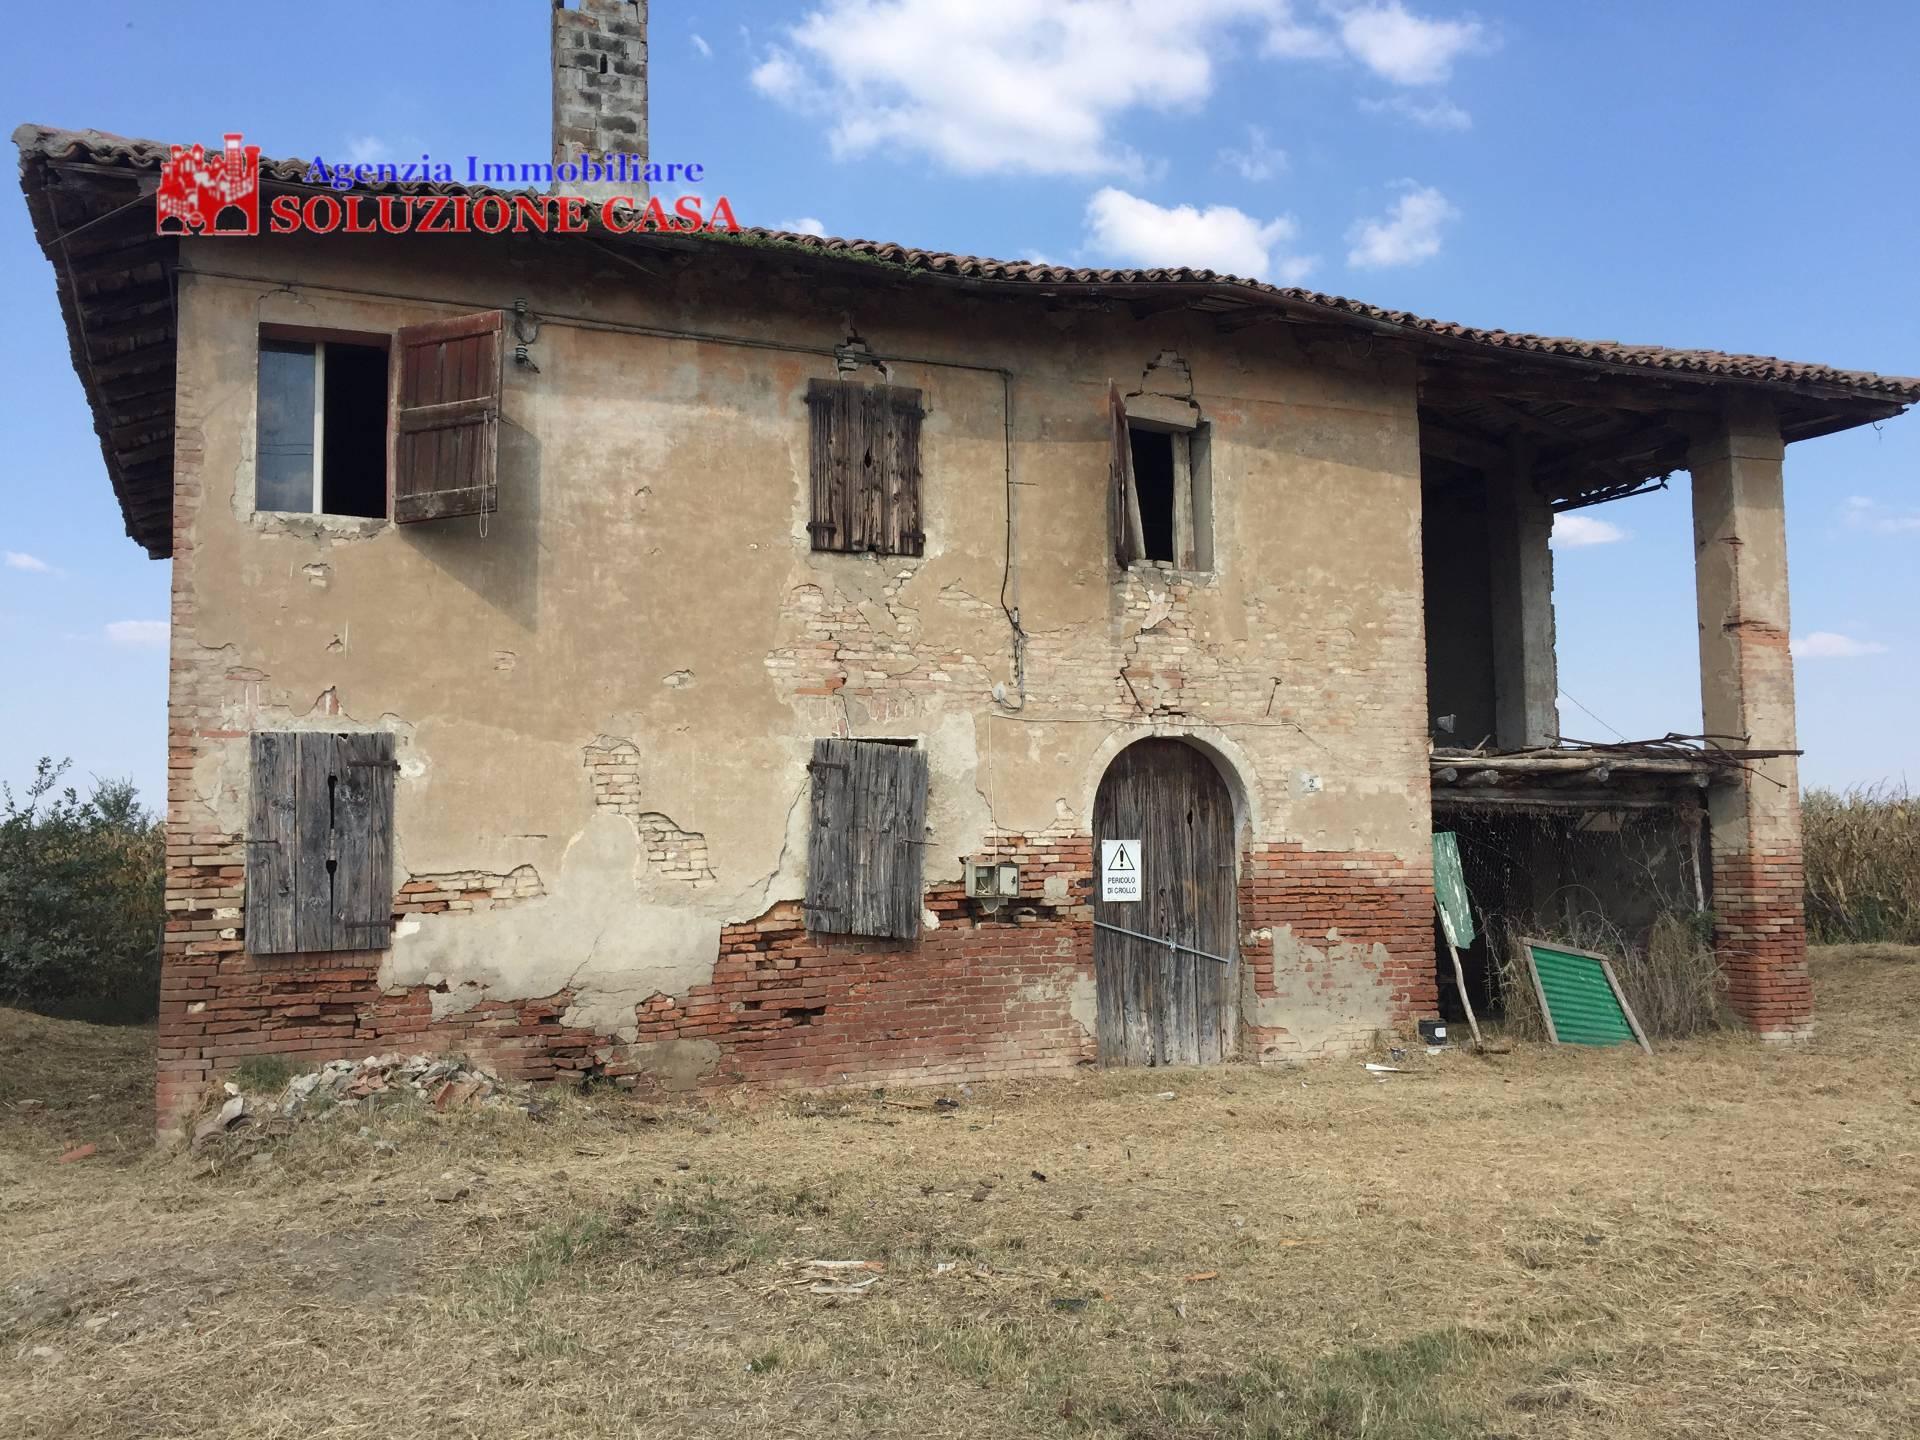 Soluzione Indipendente in vendita a Pieve di Cento, 8 locali, prezzo € 120.000 | Cambio Casa.it